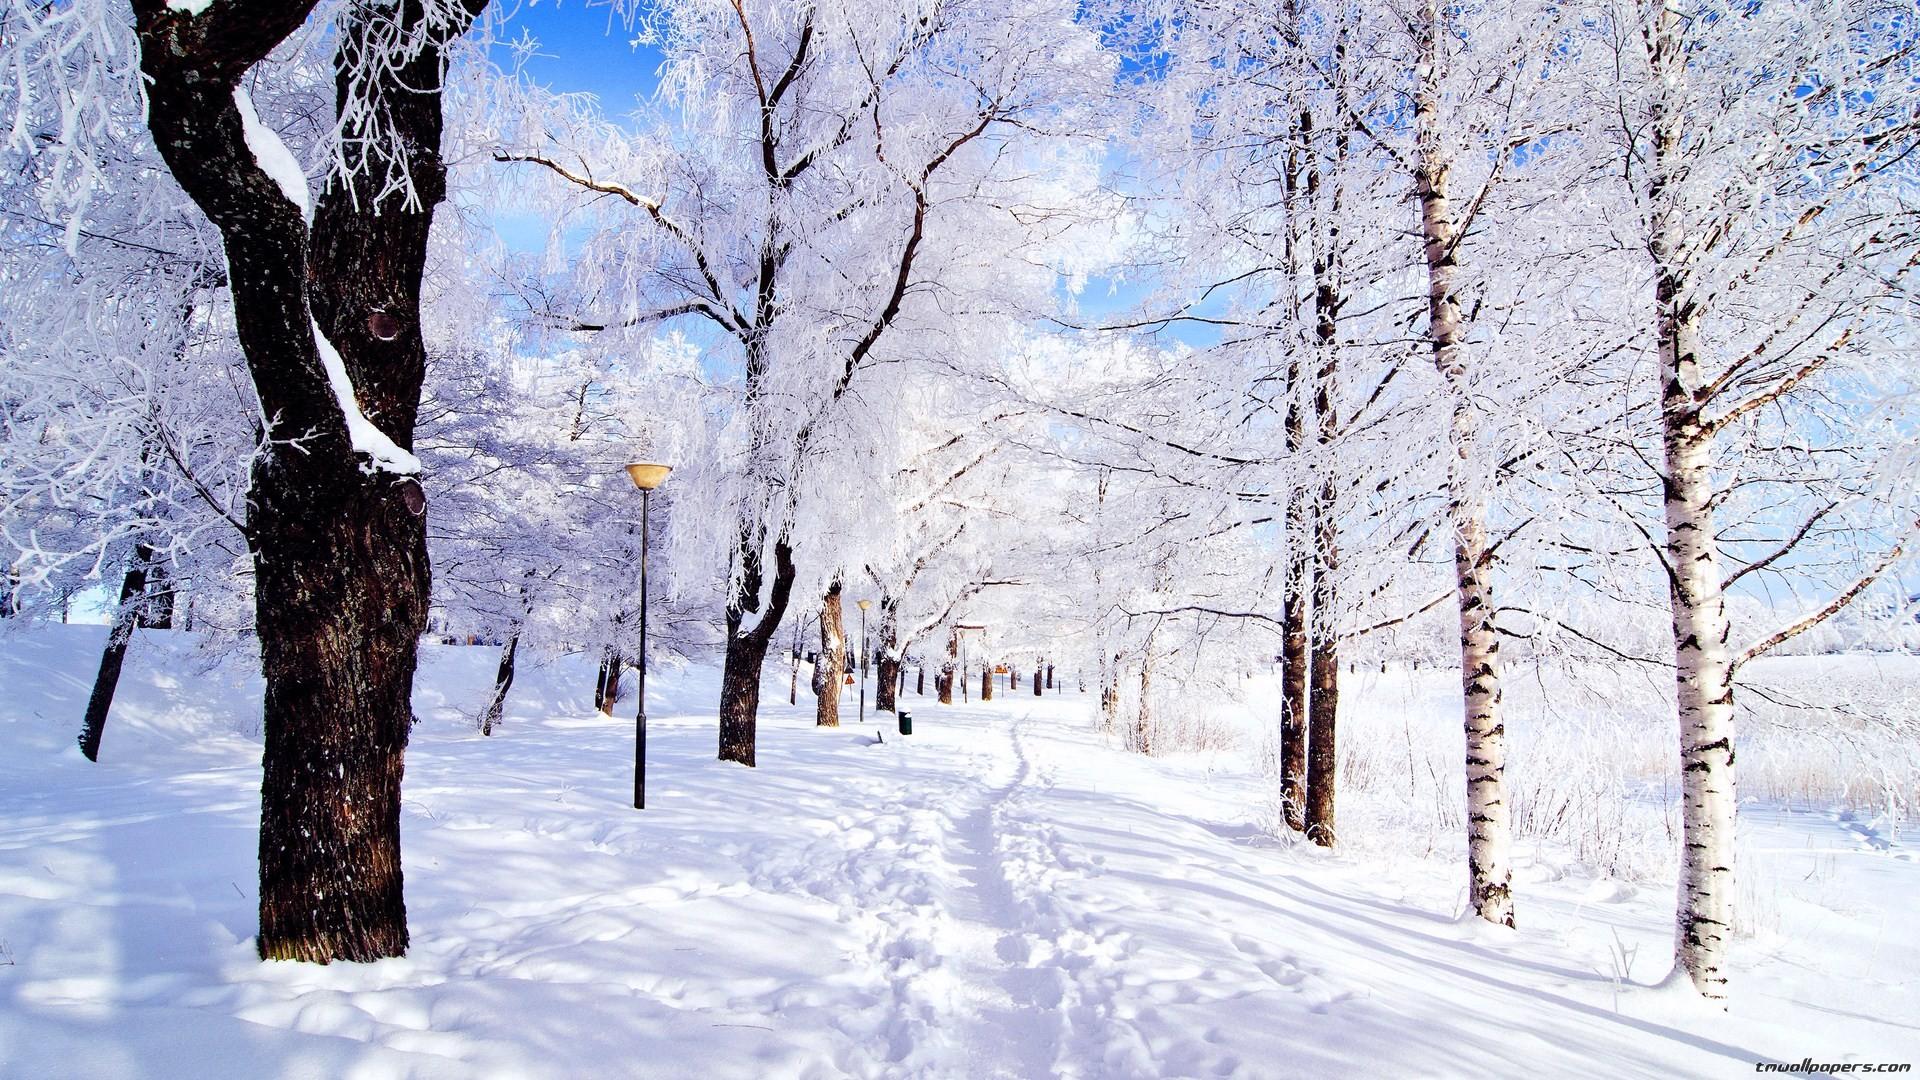 Sfondi desktop inverno 42 immagini for Immagini inverno sfondi